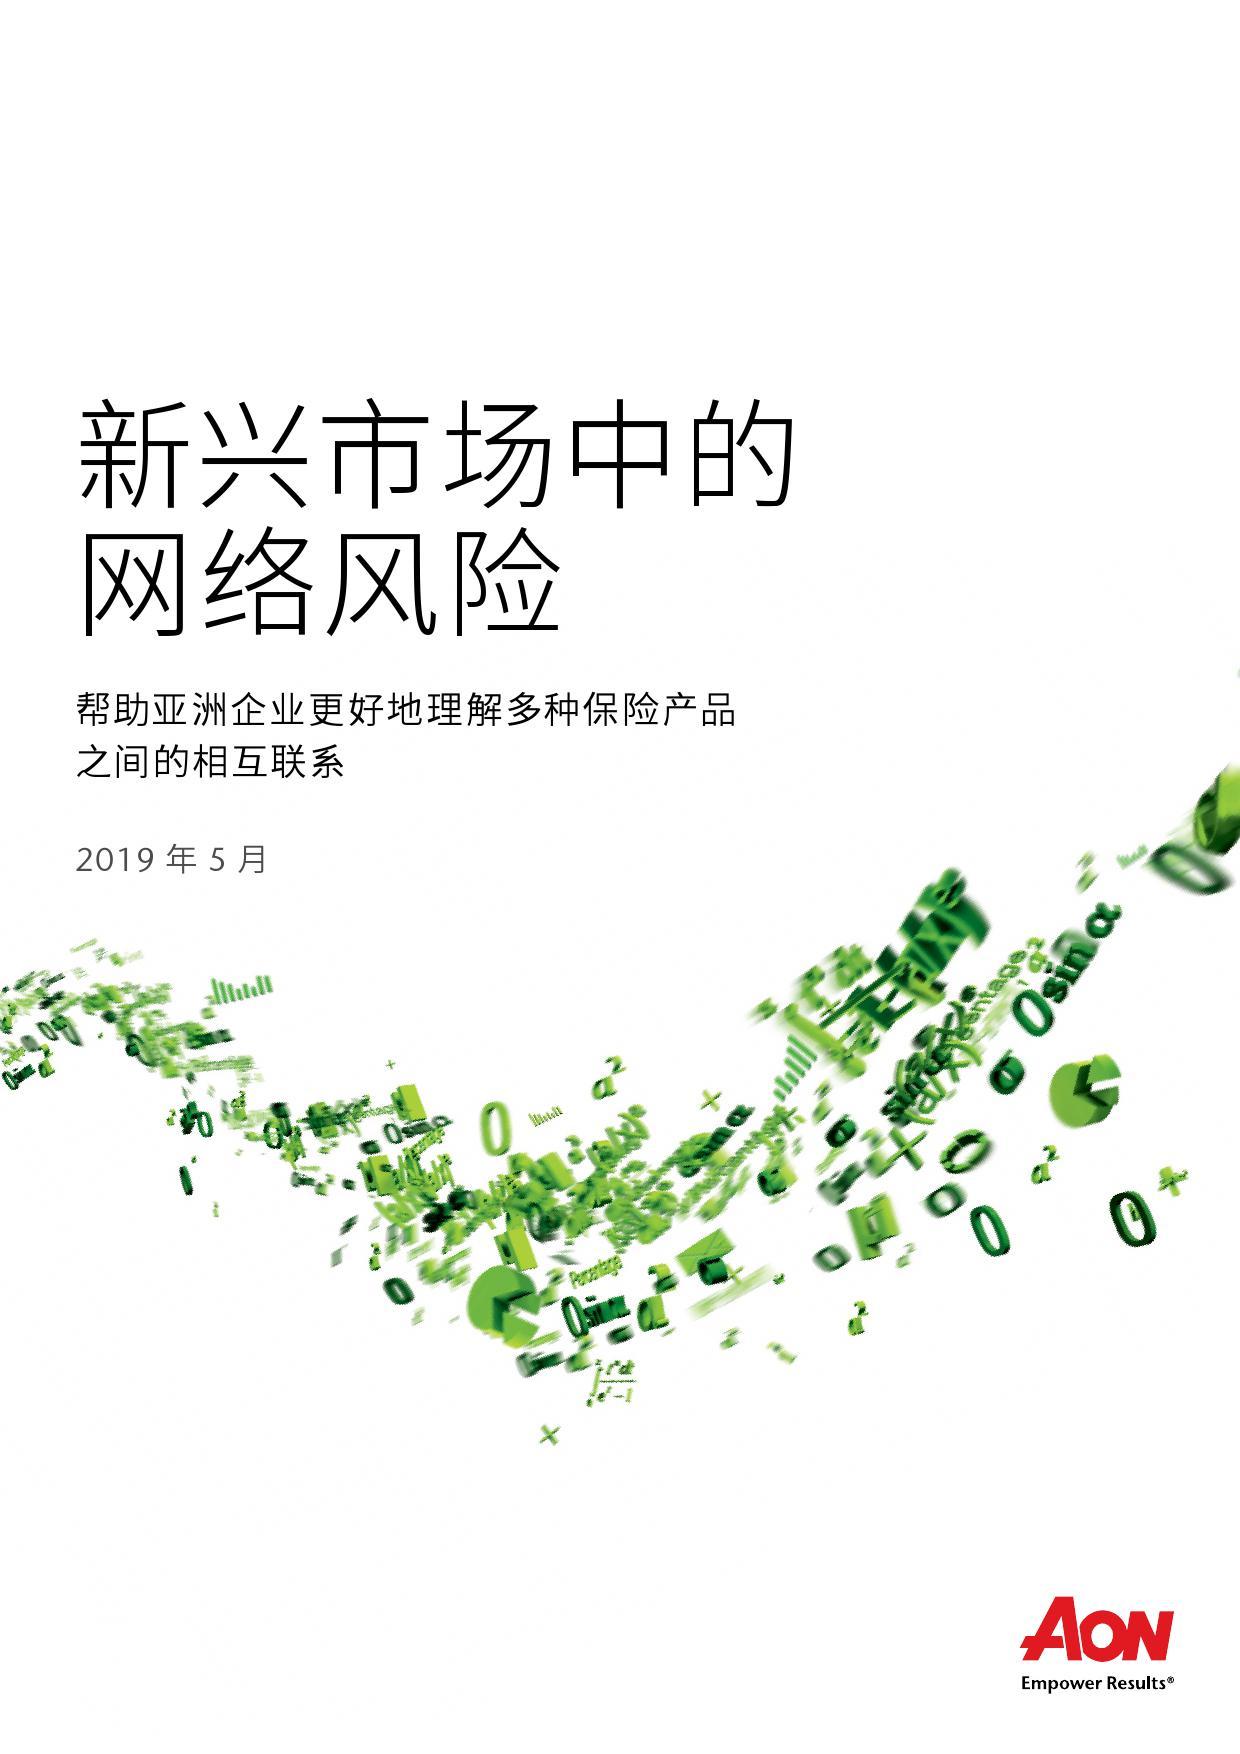 Aon-COFCO:新兴市场中的网络风险(附下载)